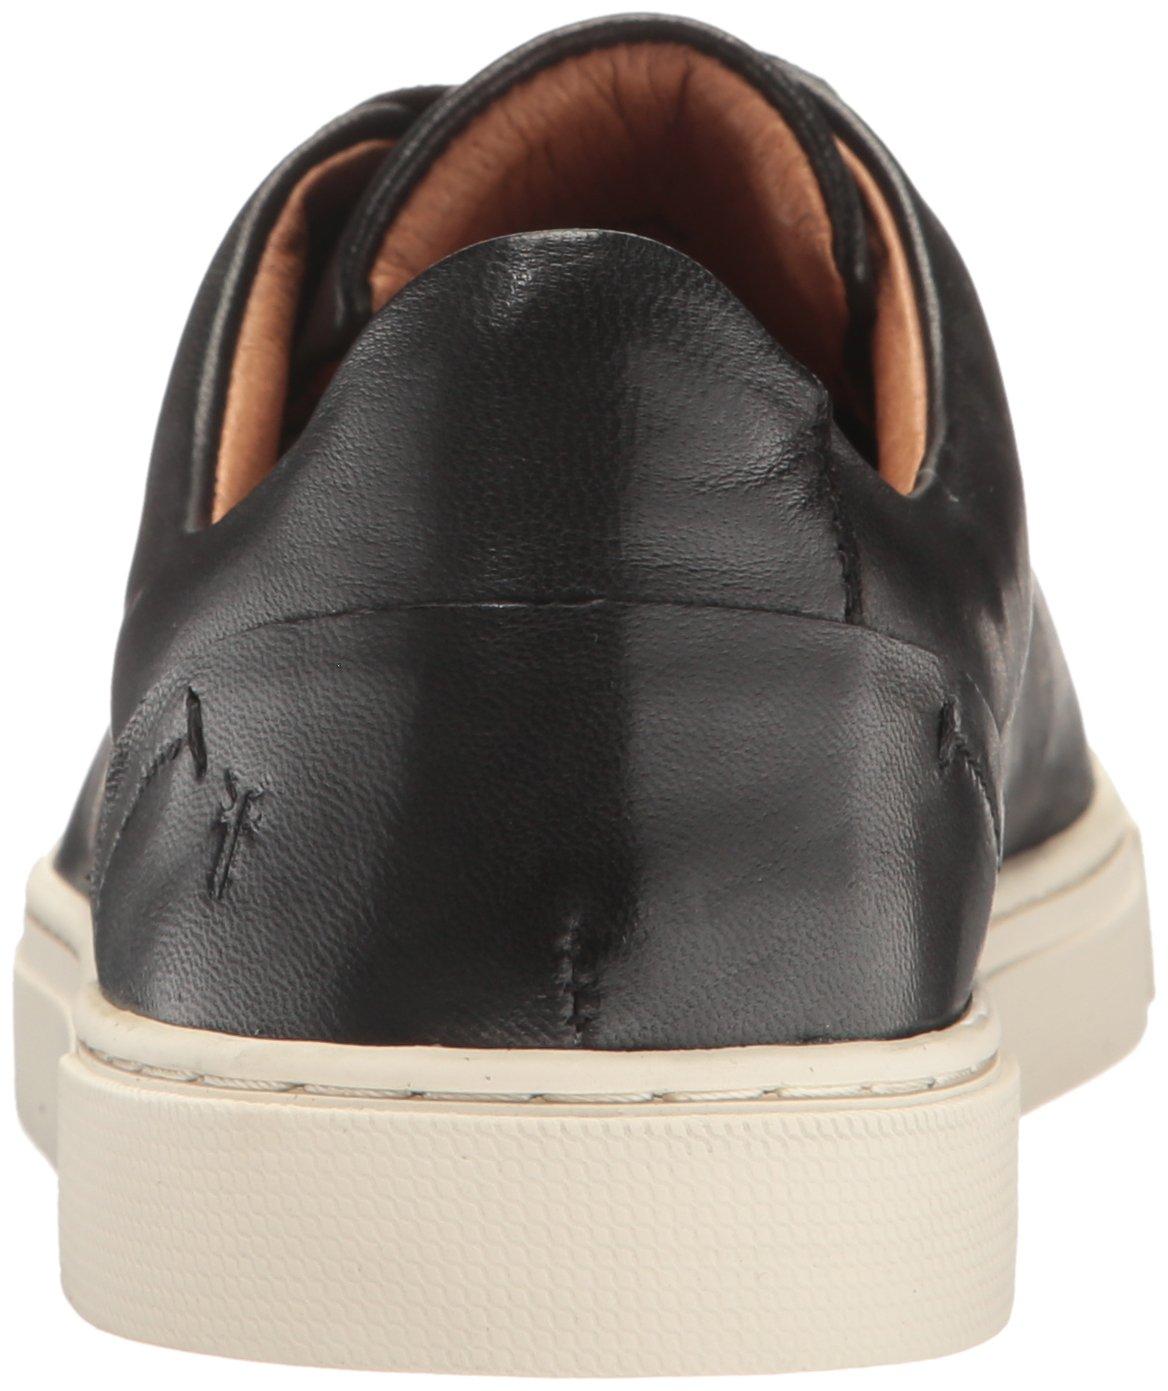 FRYE Women's Ivy Low Lace B(M) Fashion Sneaker B01H4XAZMS 8.5 B(M) Lace US Black 038959